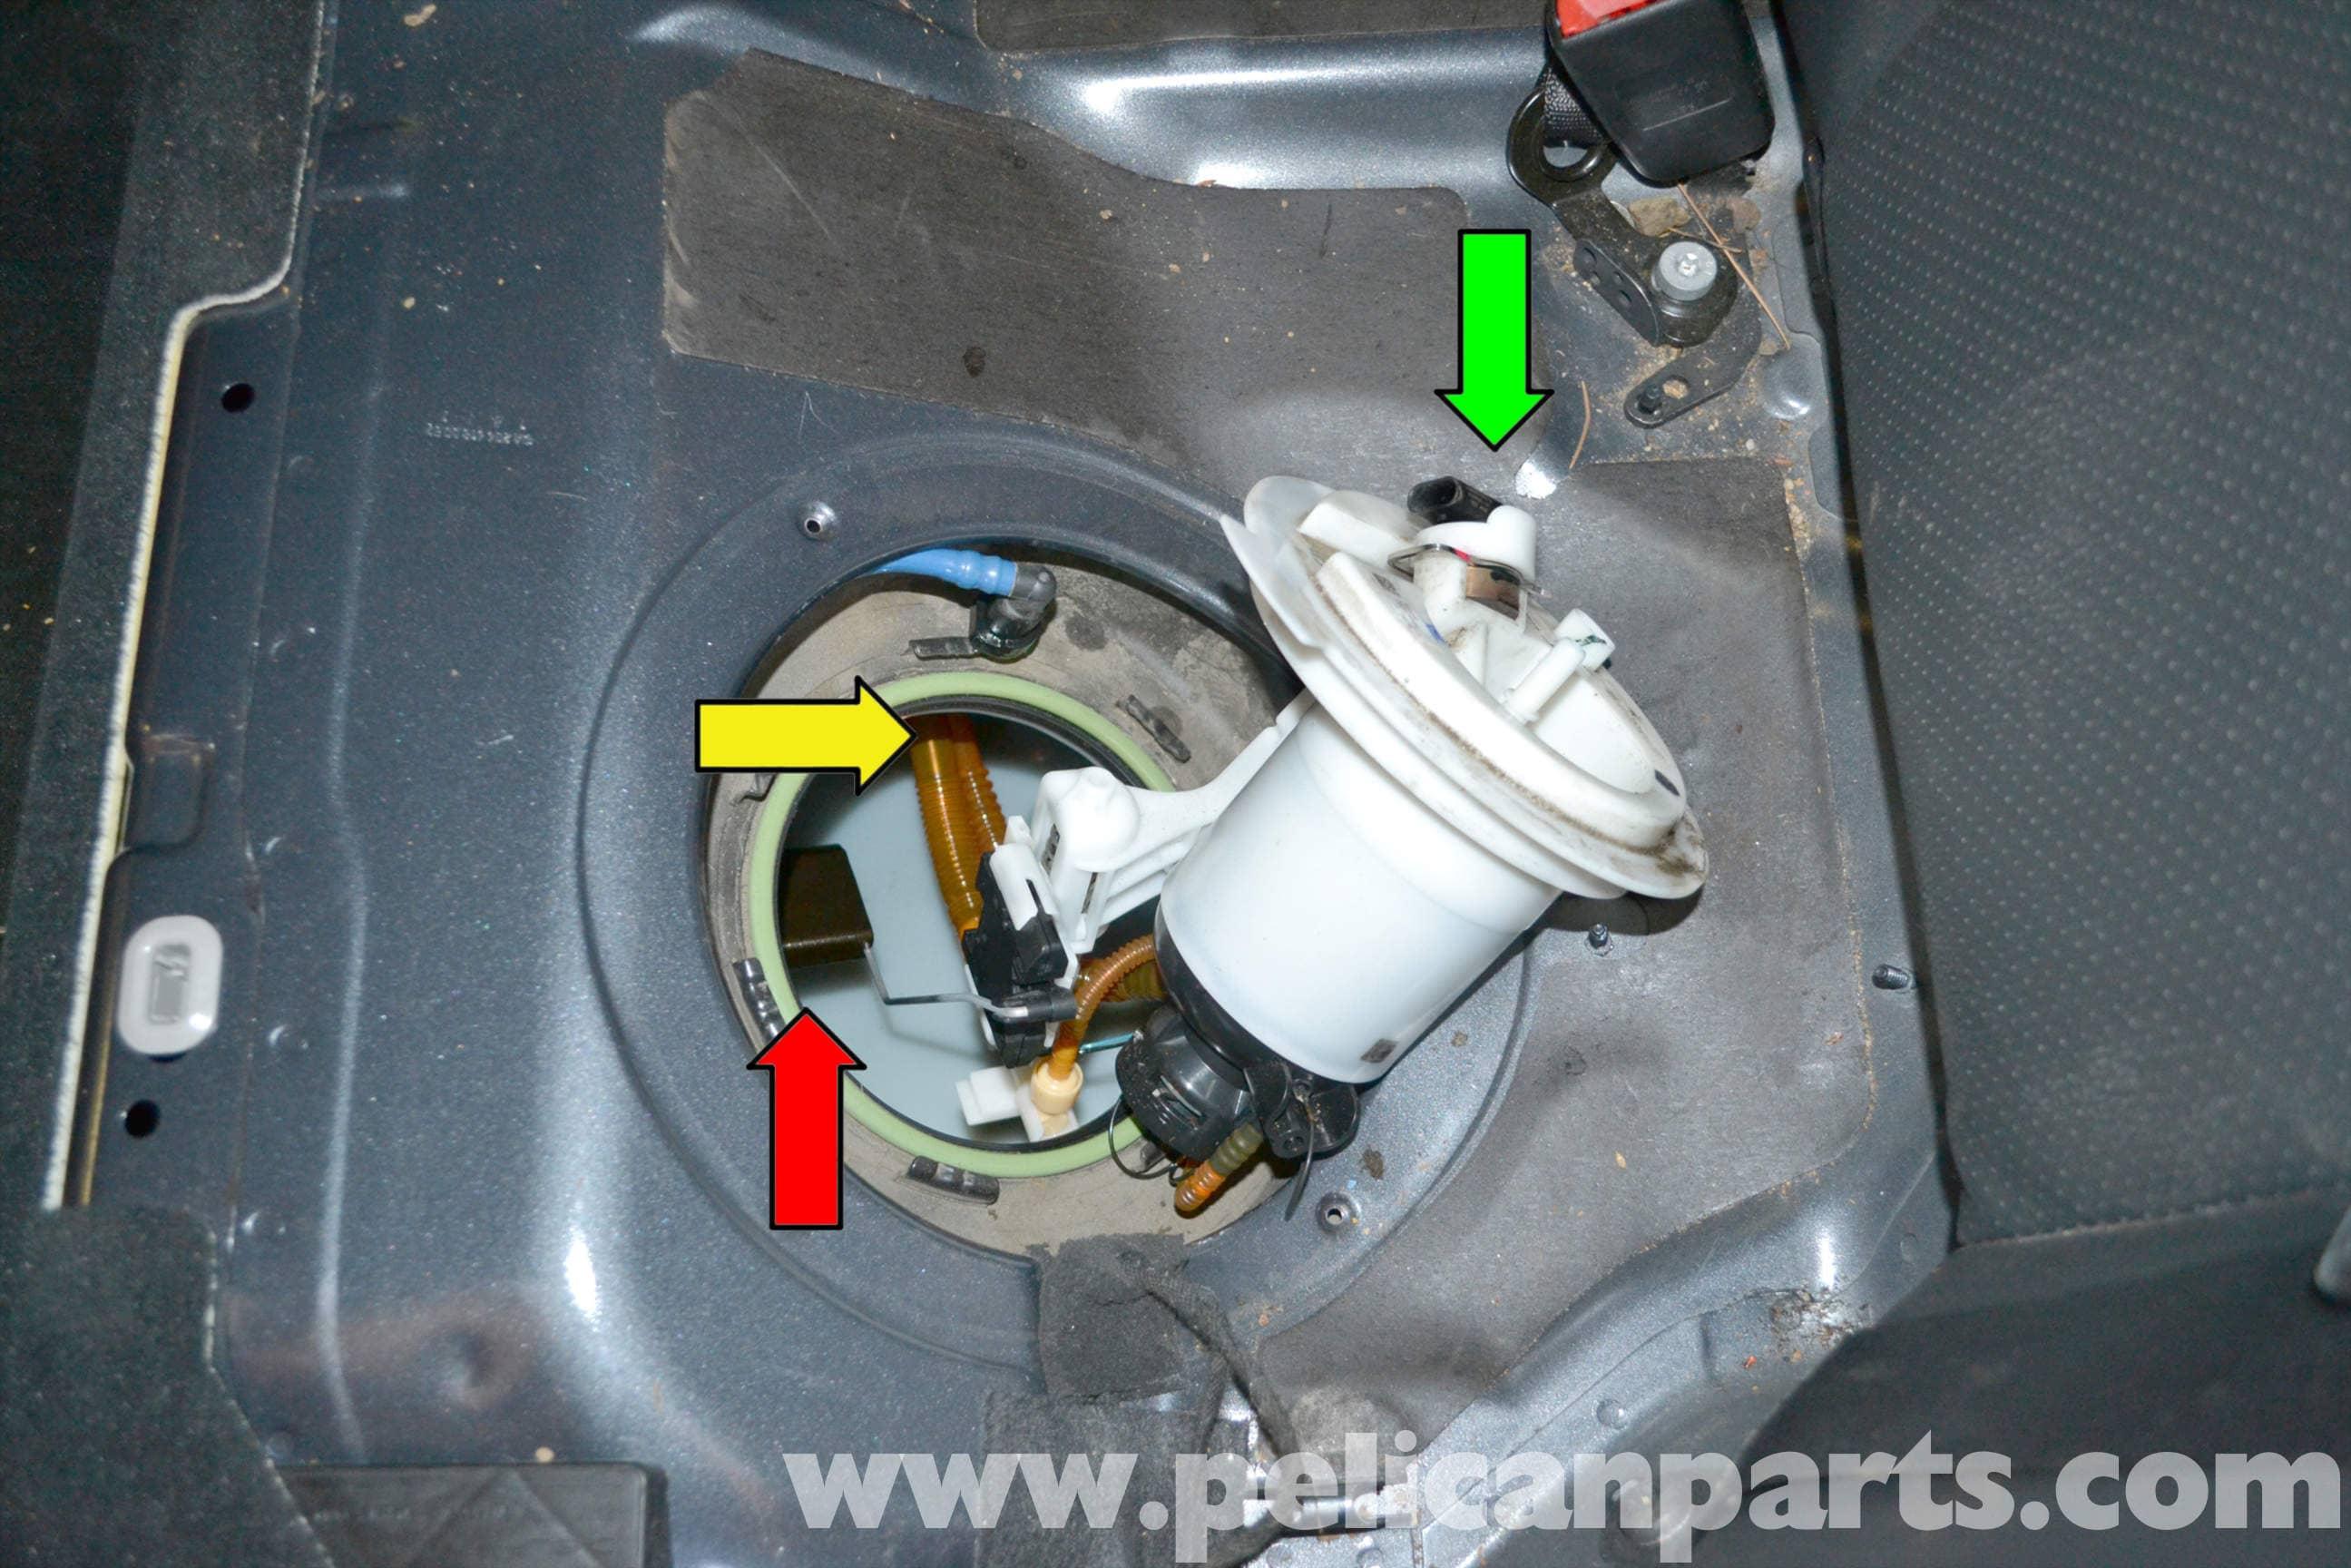 mercedes benz fuel filter location 2014 mercedes fuel filter location 2010 mercedes-benz w204 fuel filter replacement - (2008-2014 ...